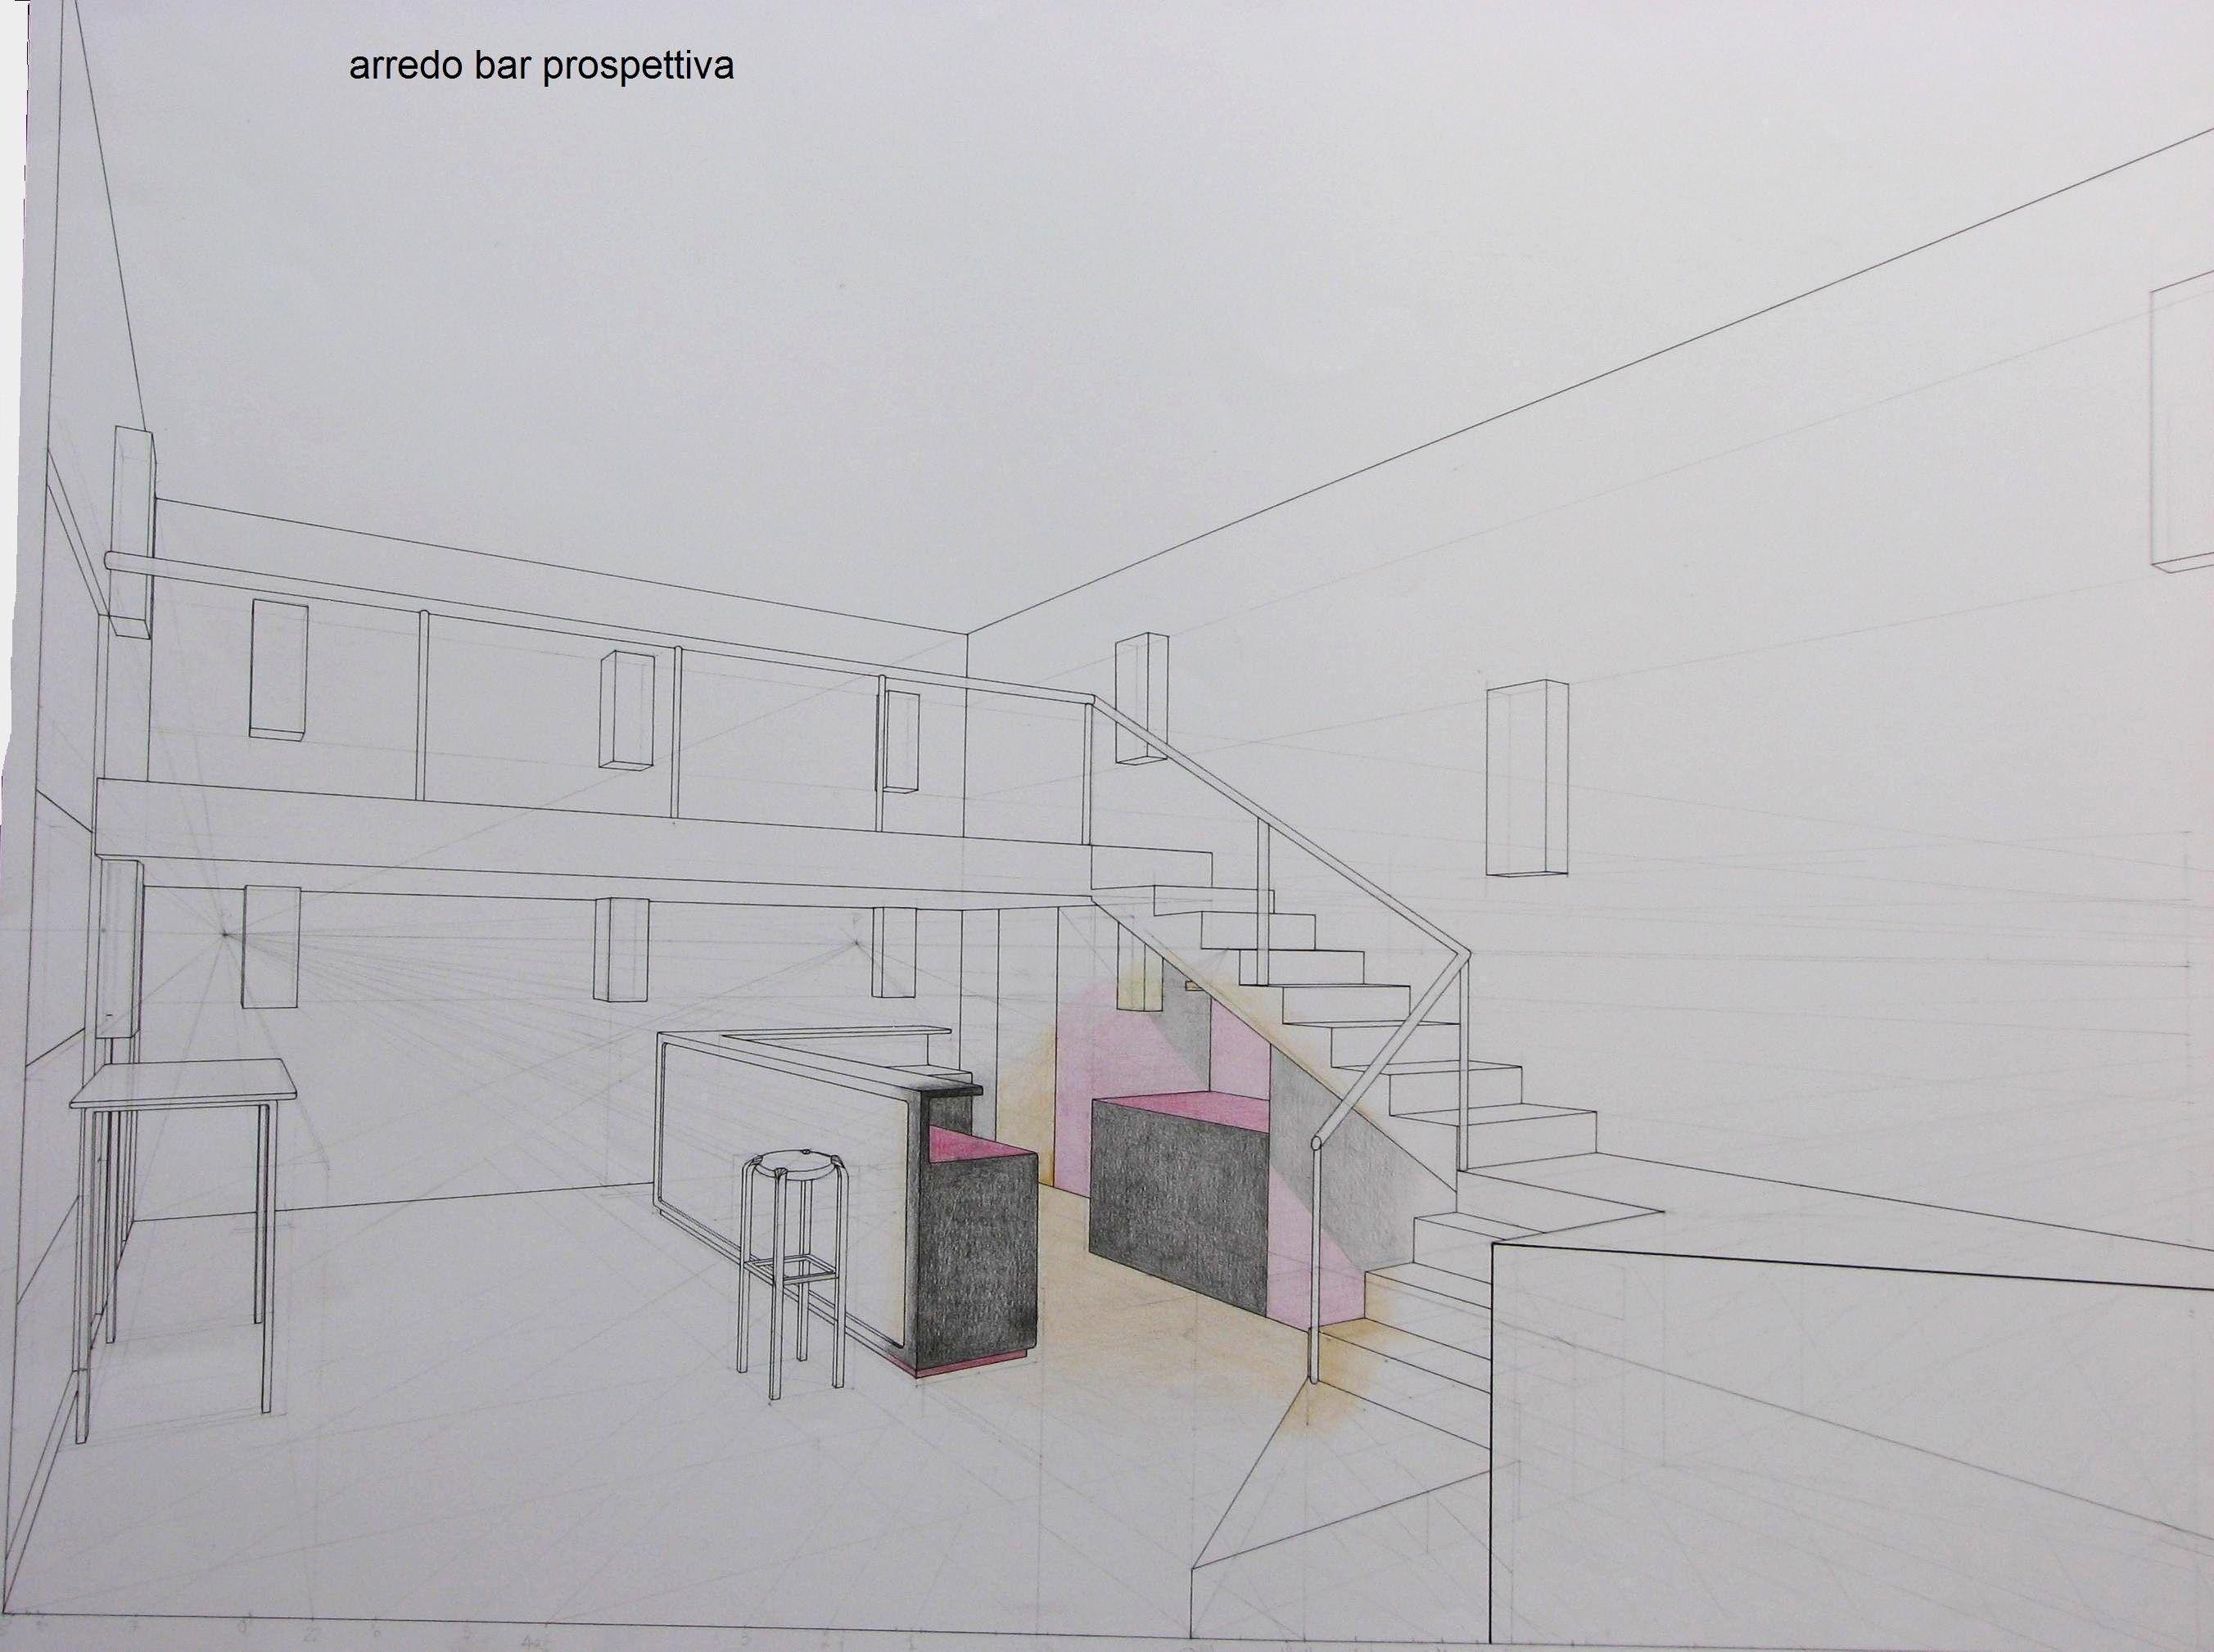 Disegno prospettico stanza disegnare mobili in for Progettare una stanza